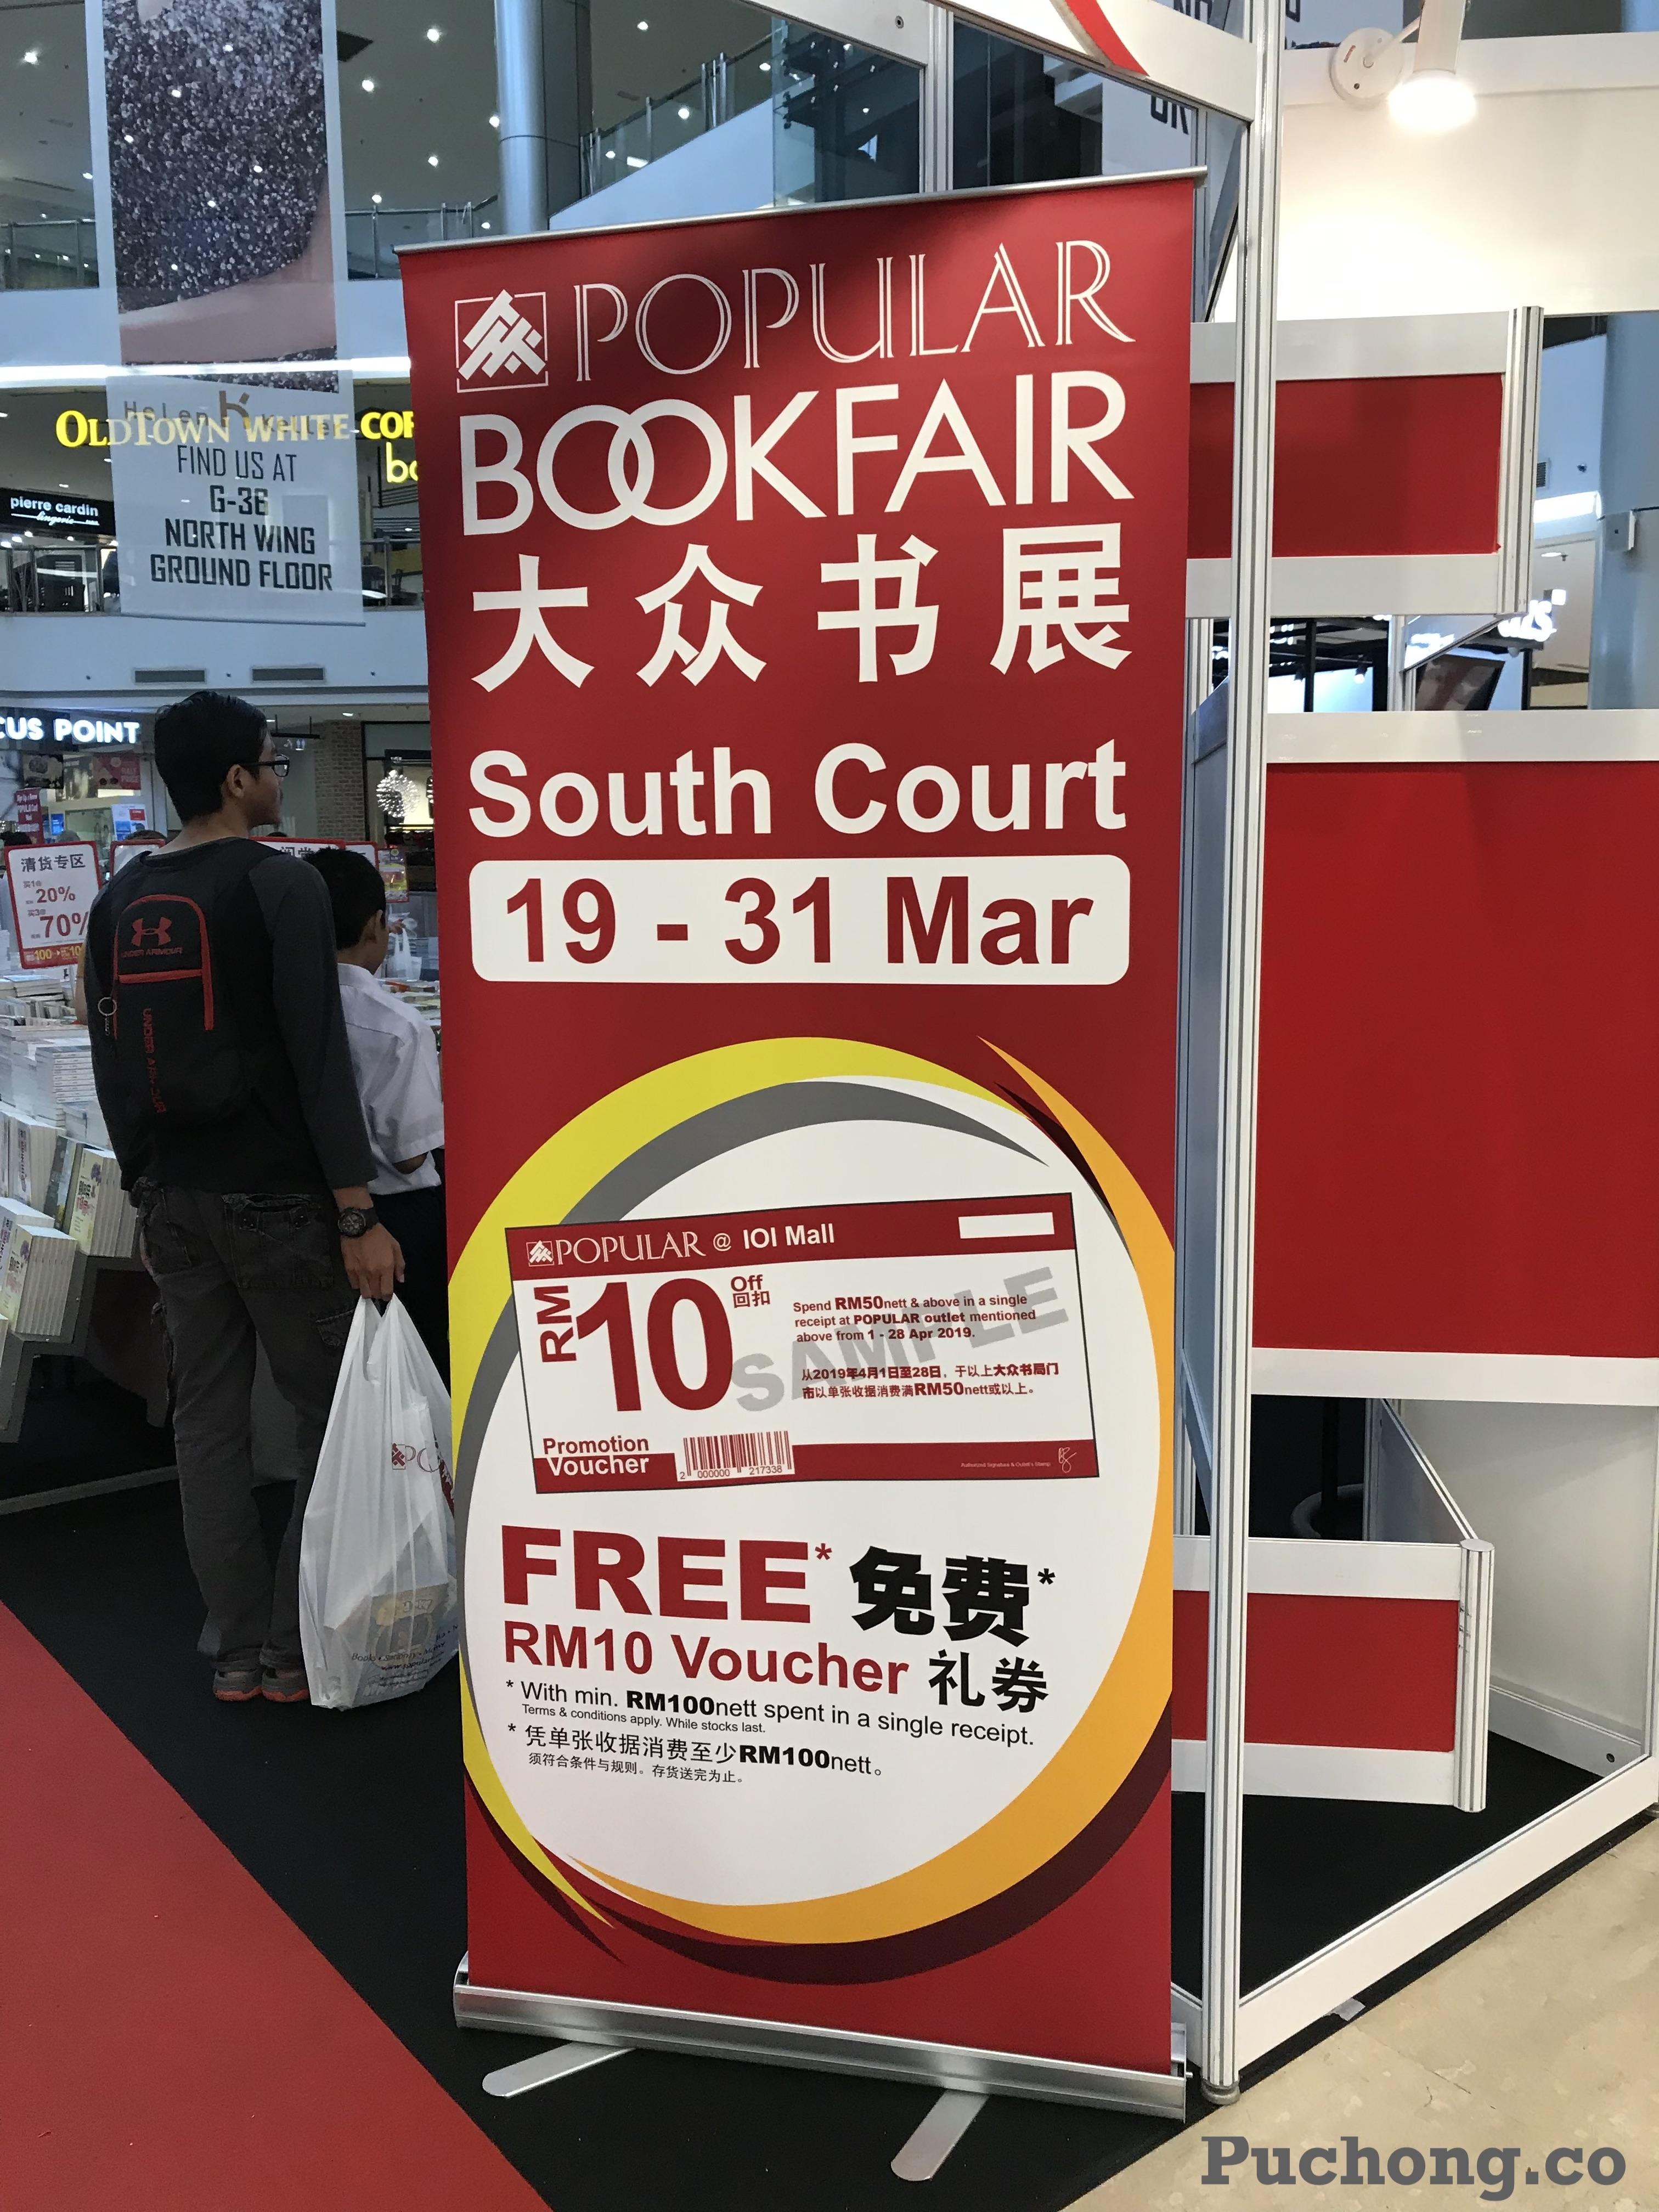 popular_bookfair_ioi_mall_puchong_mac_2019